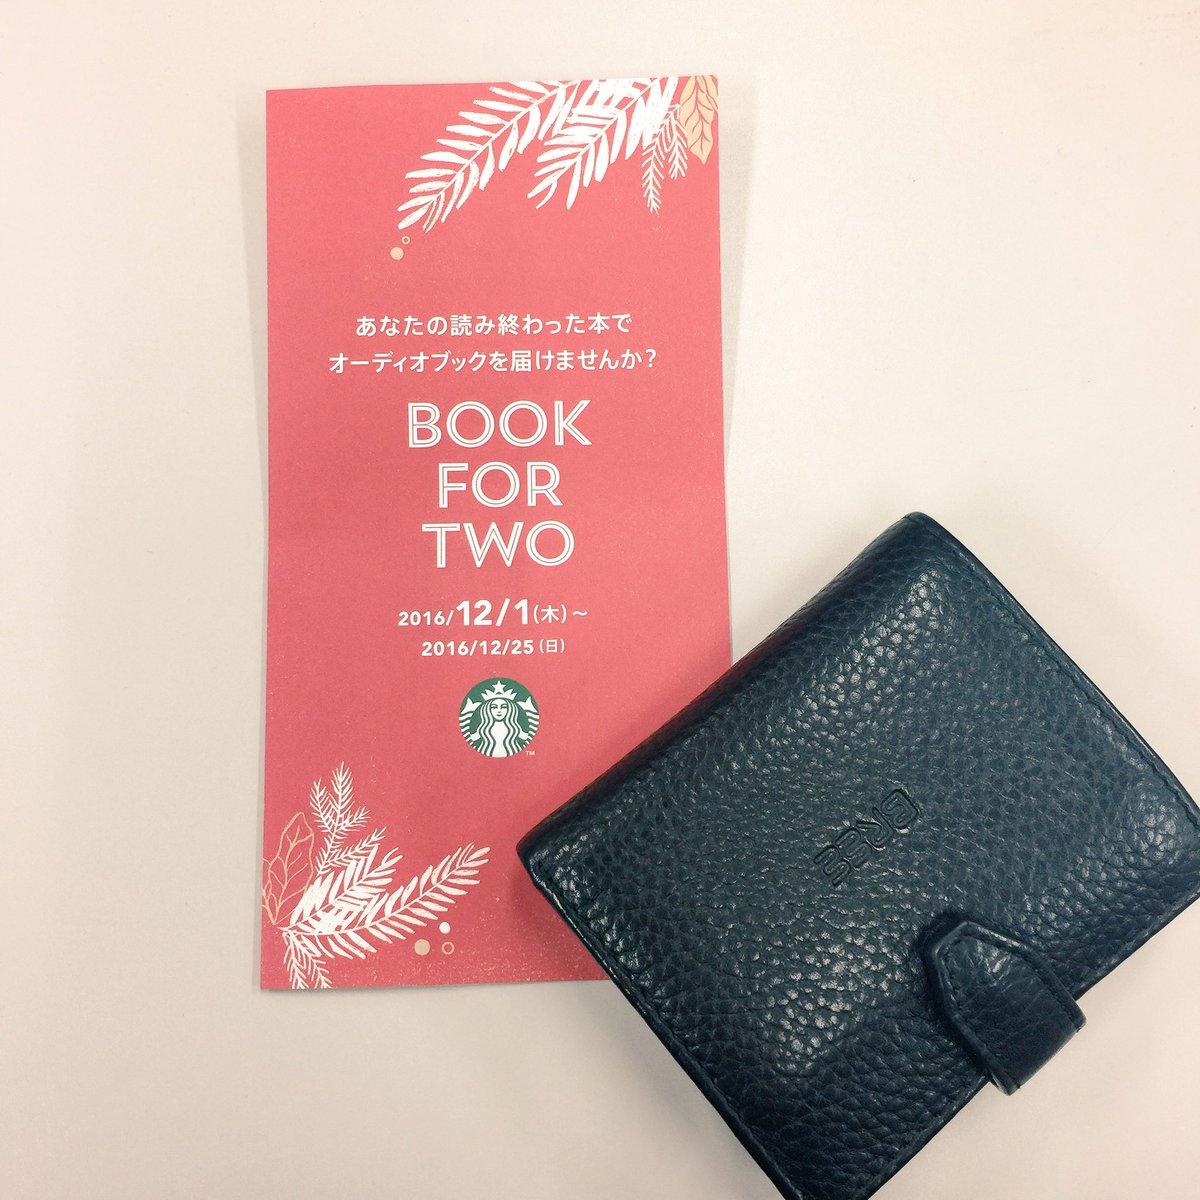 ユーズド本を持ち込むと耳の不自由な方へのオーディオブックとして日本点字図書館に寄付されるというスタバのBOOK FOR TWOプログラム、すてき。ぜひ持って行こう。 https://t.co/0FmJS4j0Wf